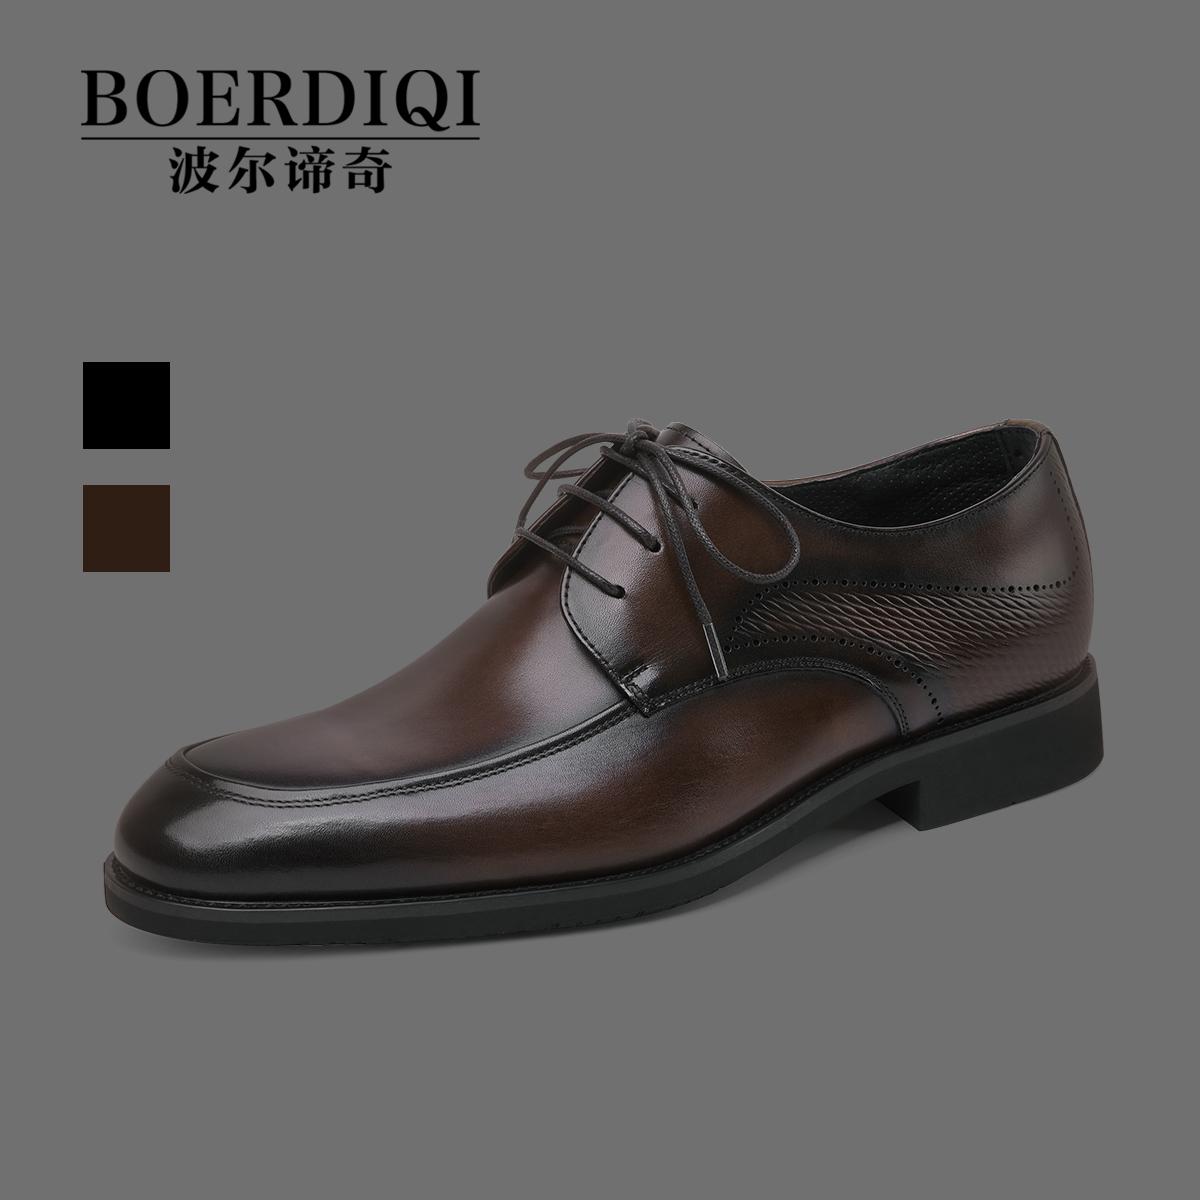 ハイエンドの手作りオーダーメイドビジネス靴の新型レザー革靴の牛革インラン紳士靴の正装靴社交